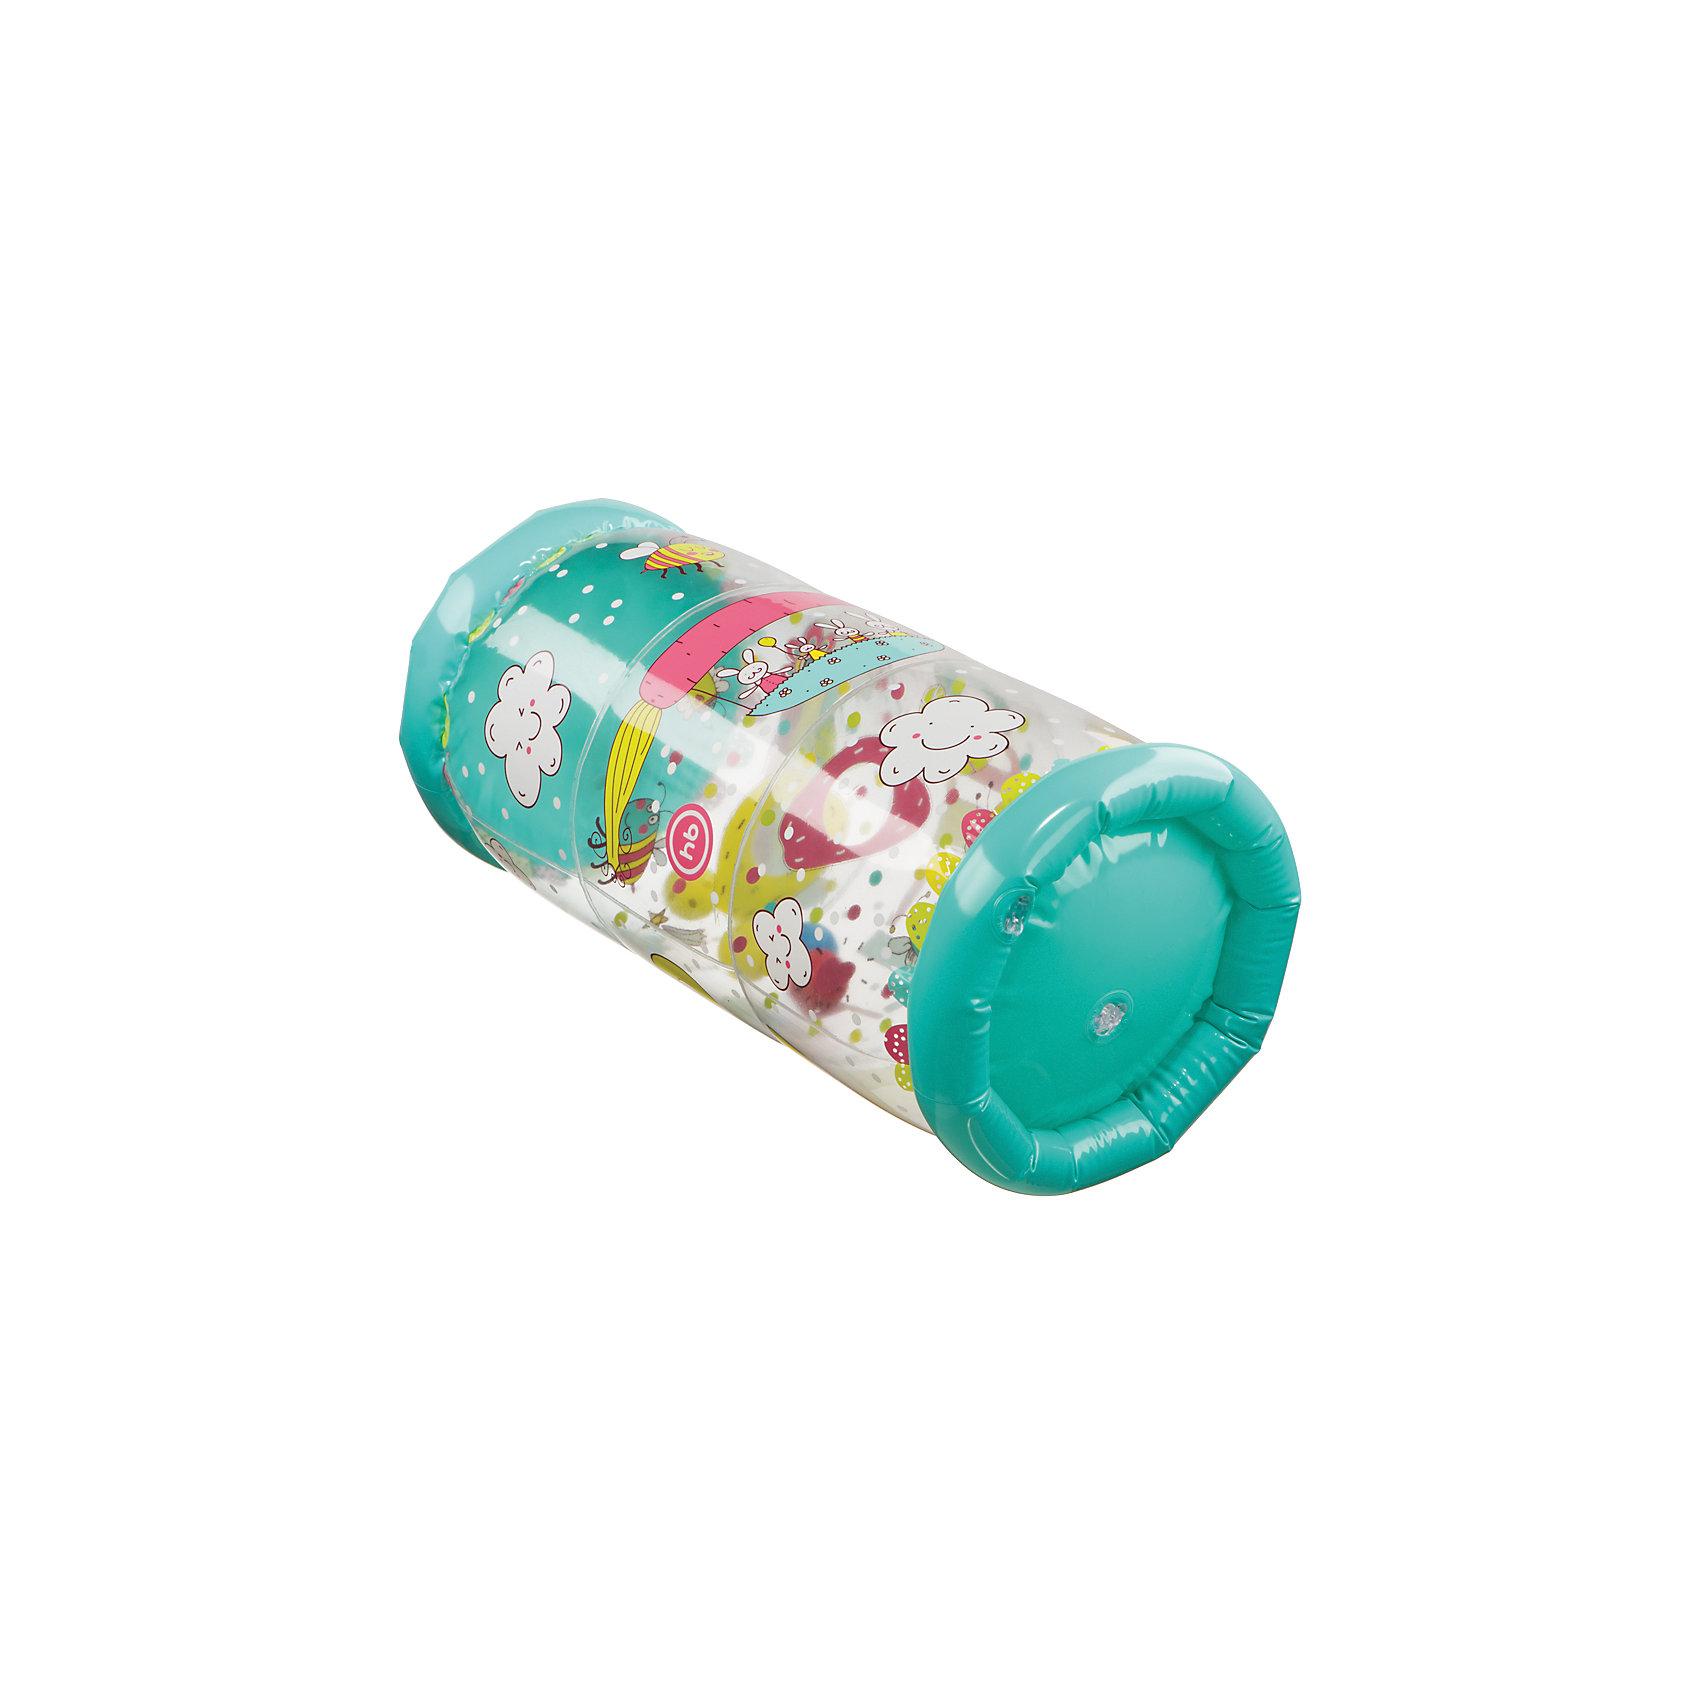 Игровой надувной цилиндр GYMEX, Happy BabyРазвивающие игрушки<br><br><br>Ширина мм: 420<br>Глубина мм: 158<br>Высота мм: 220<br>Вес г: 240<br>Возраст от месяцев: 6<br>Возраст до месяцев: 180<br>Пол: Унисекс<br>Возраст: Детский<br>SKU: 5397604